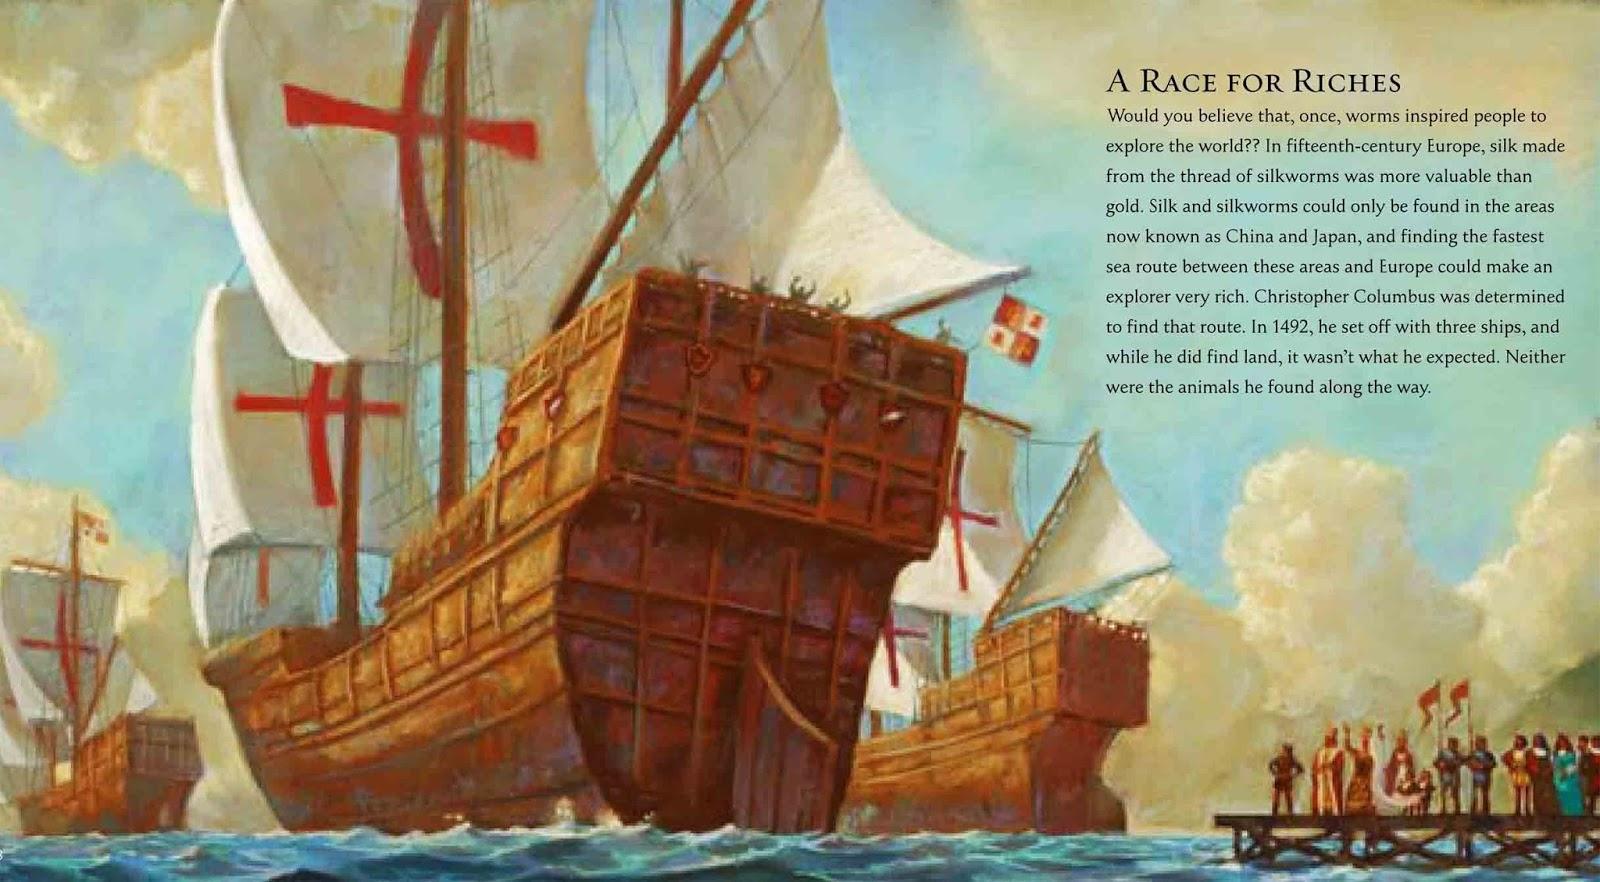 Columbus exploration